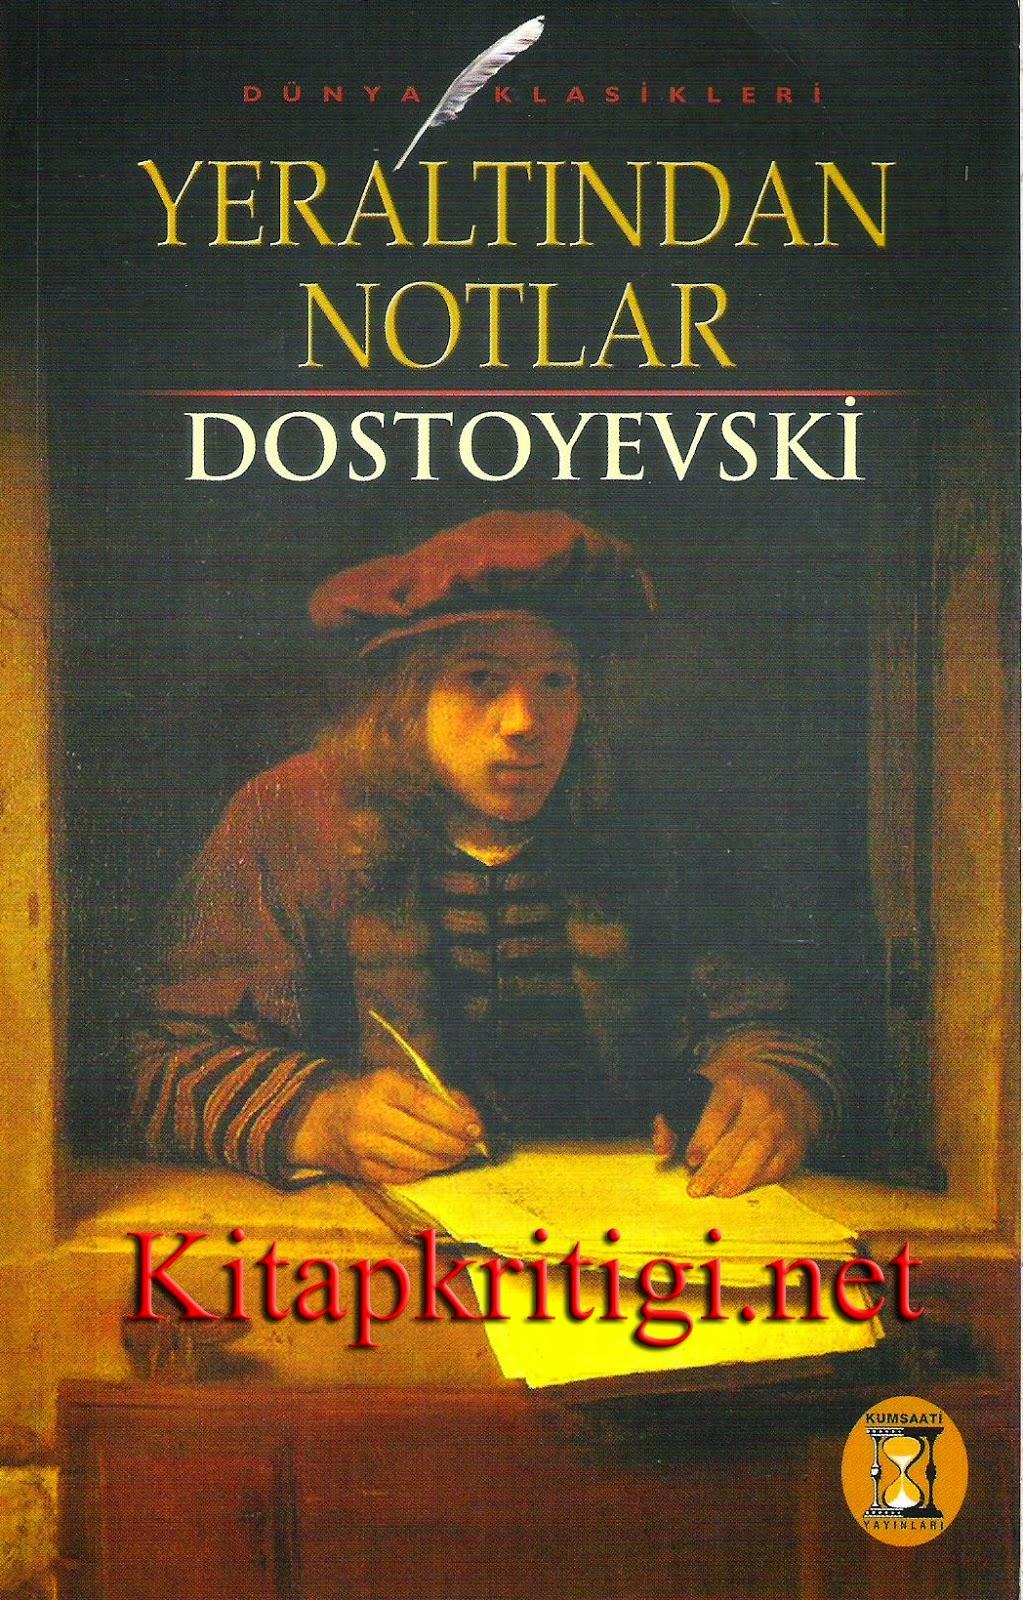 YERALTINDAN NOTLAR, Dostoyevski